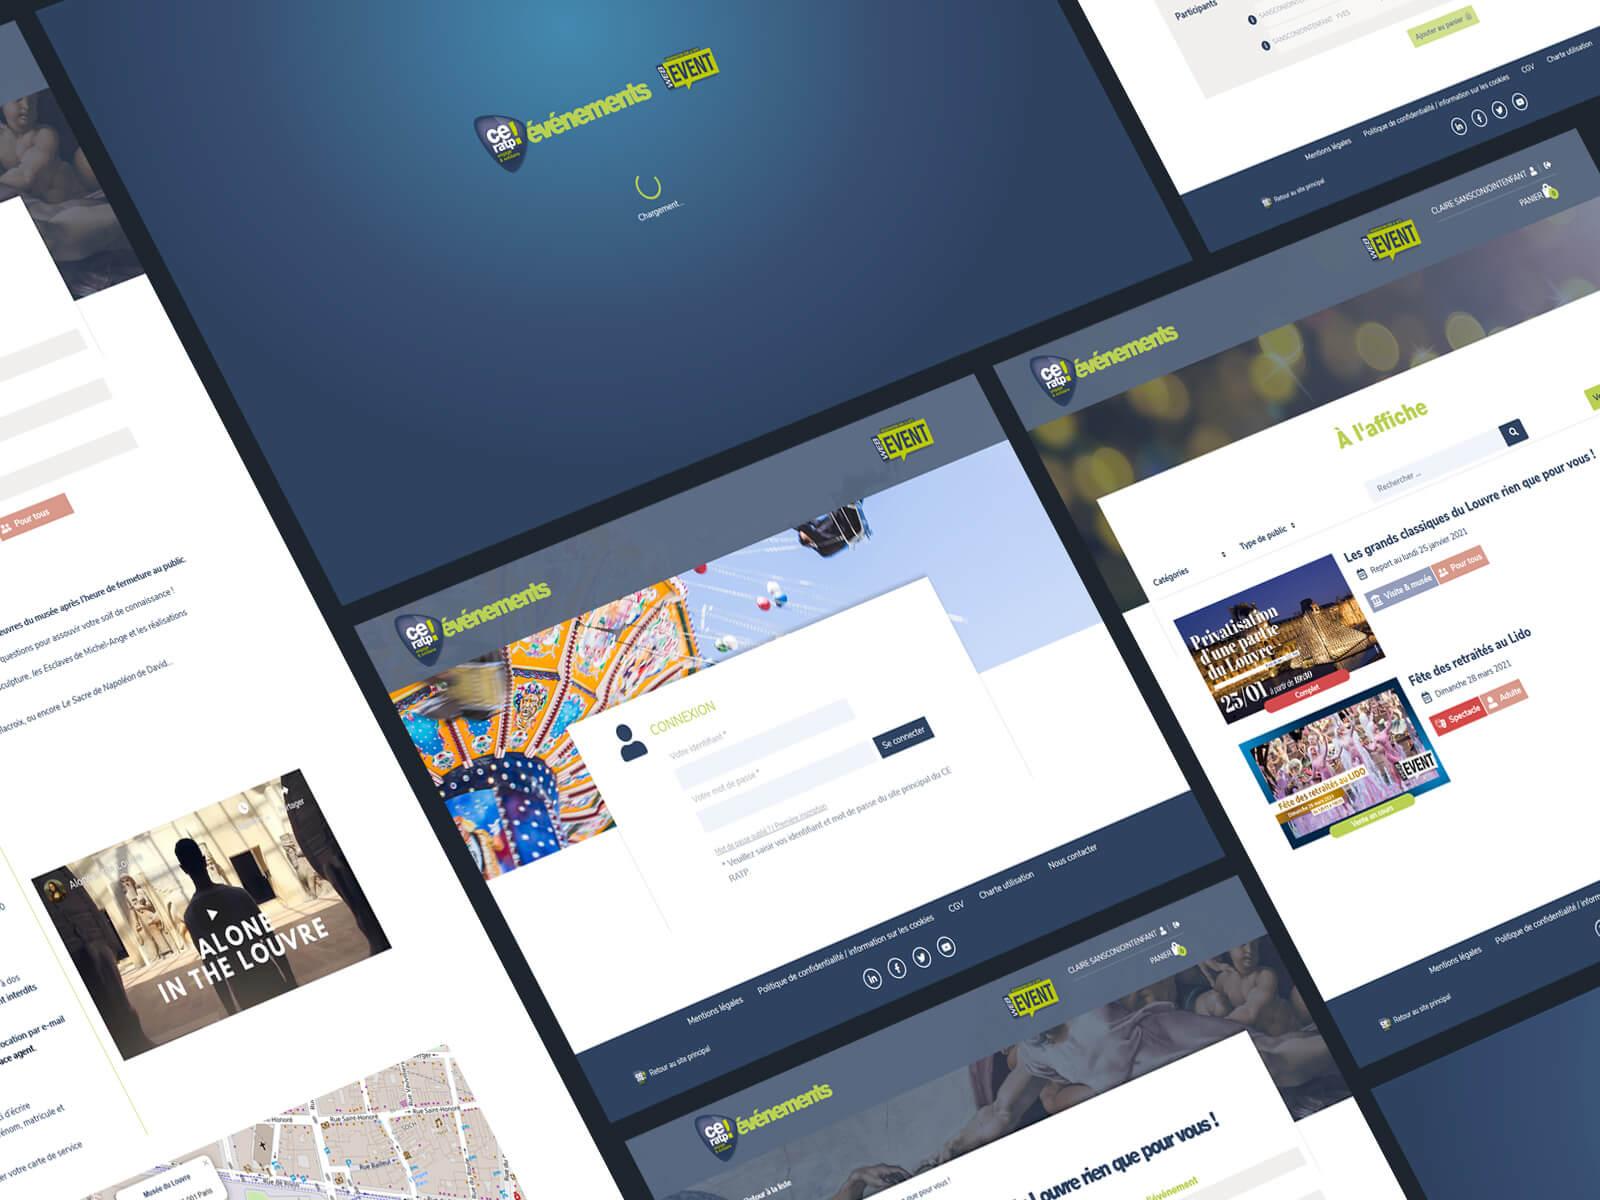 Détails des écrans de la billetterie événementielle du CE RATP